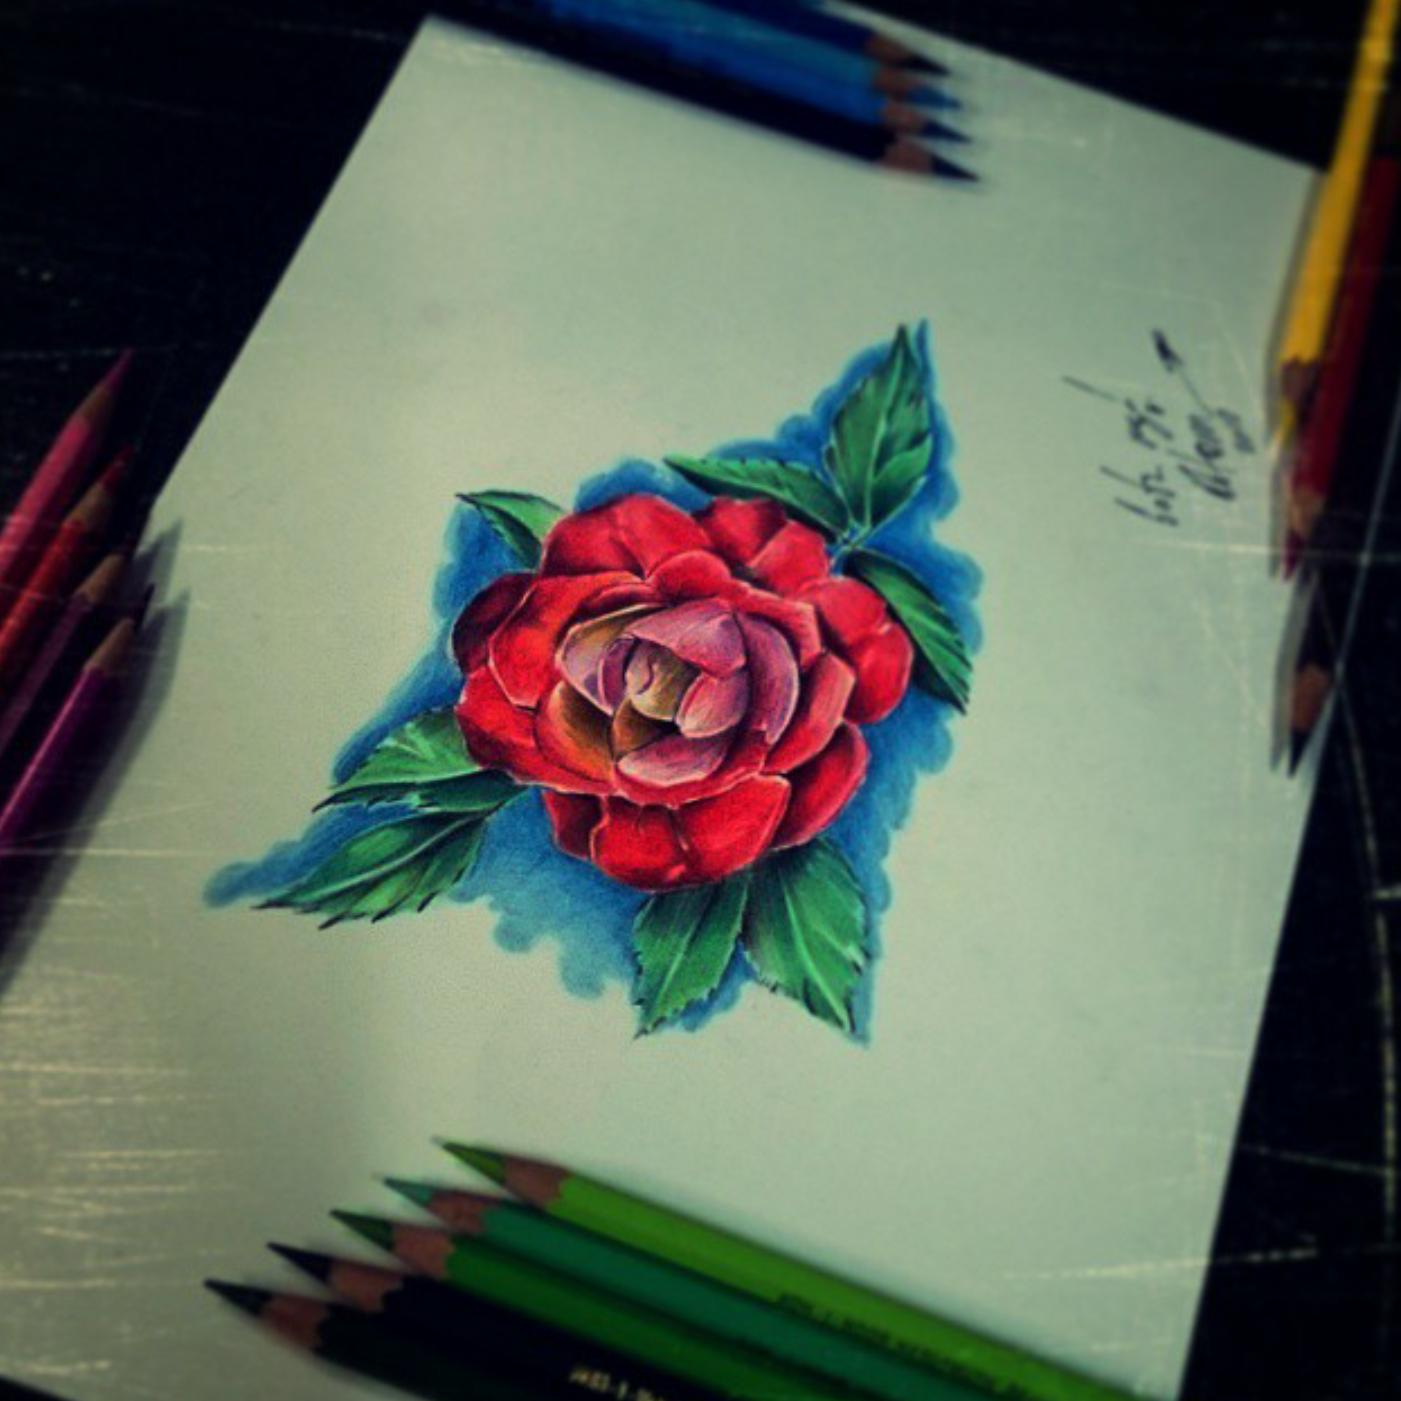 тату эскиз роза и листья